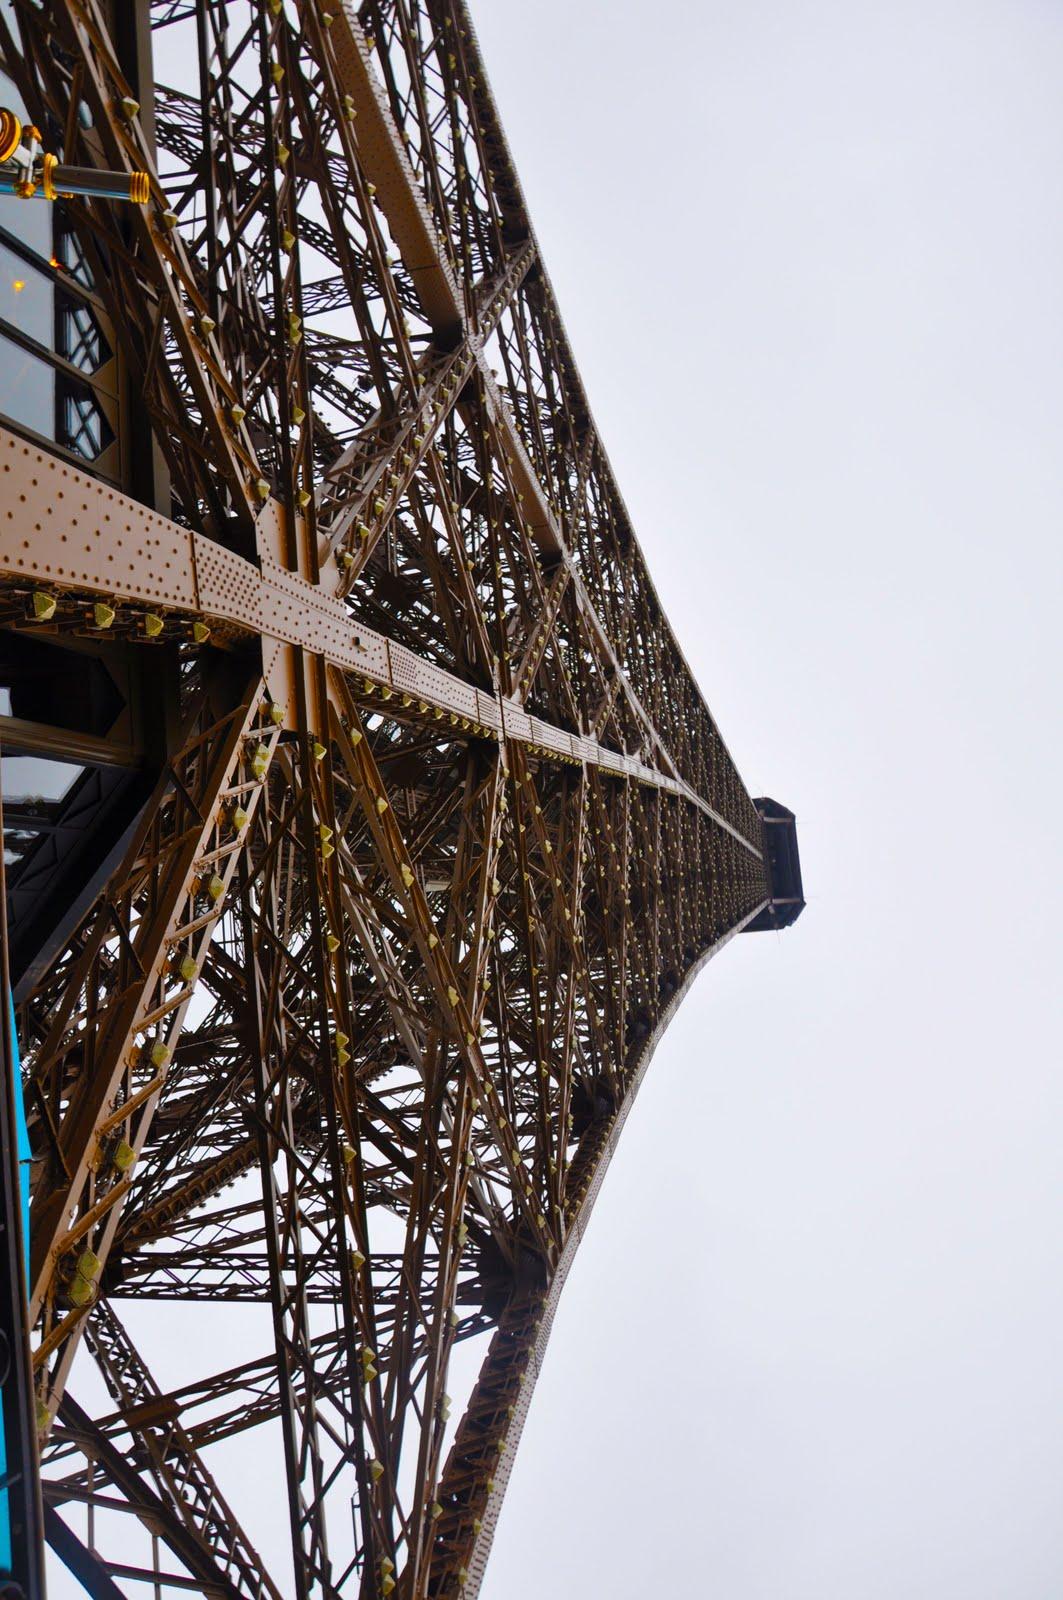 [Tour+Eiffel+]